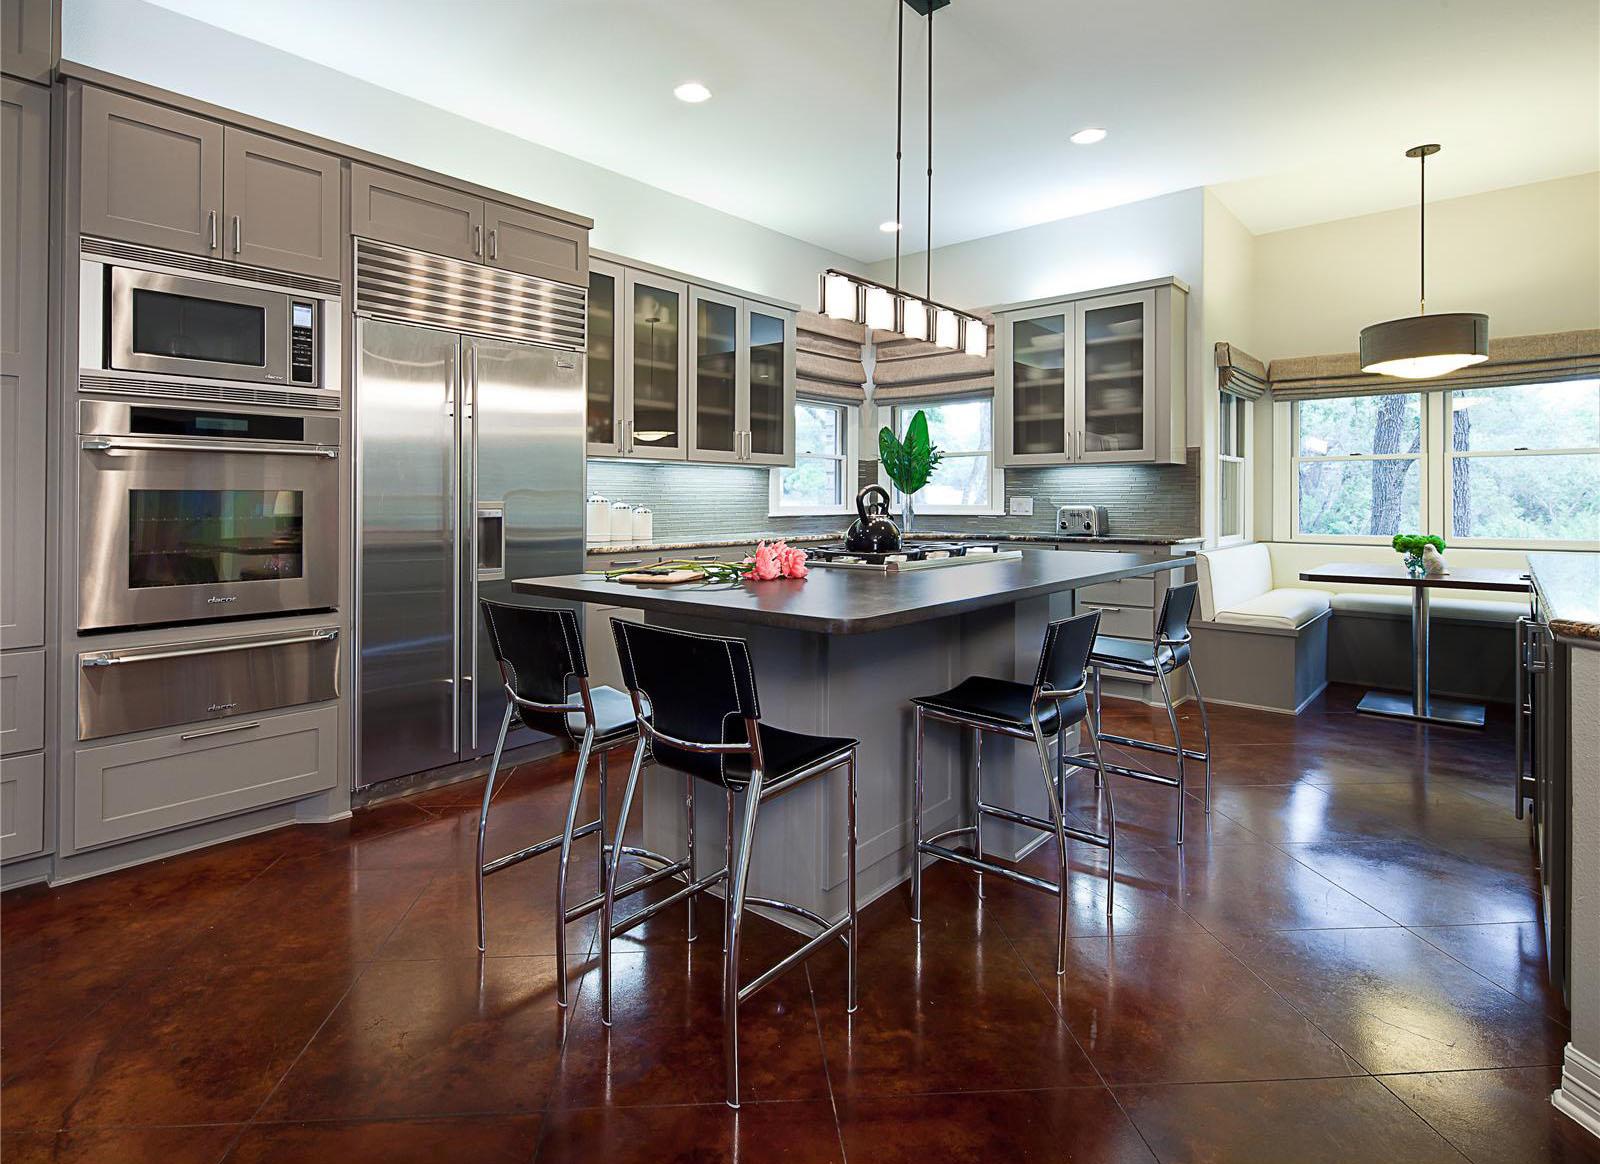 Open Contemporary Kitchen Design Ideas  iDesignArch  Interior Design Architecture  Interior